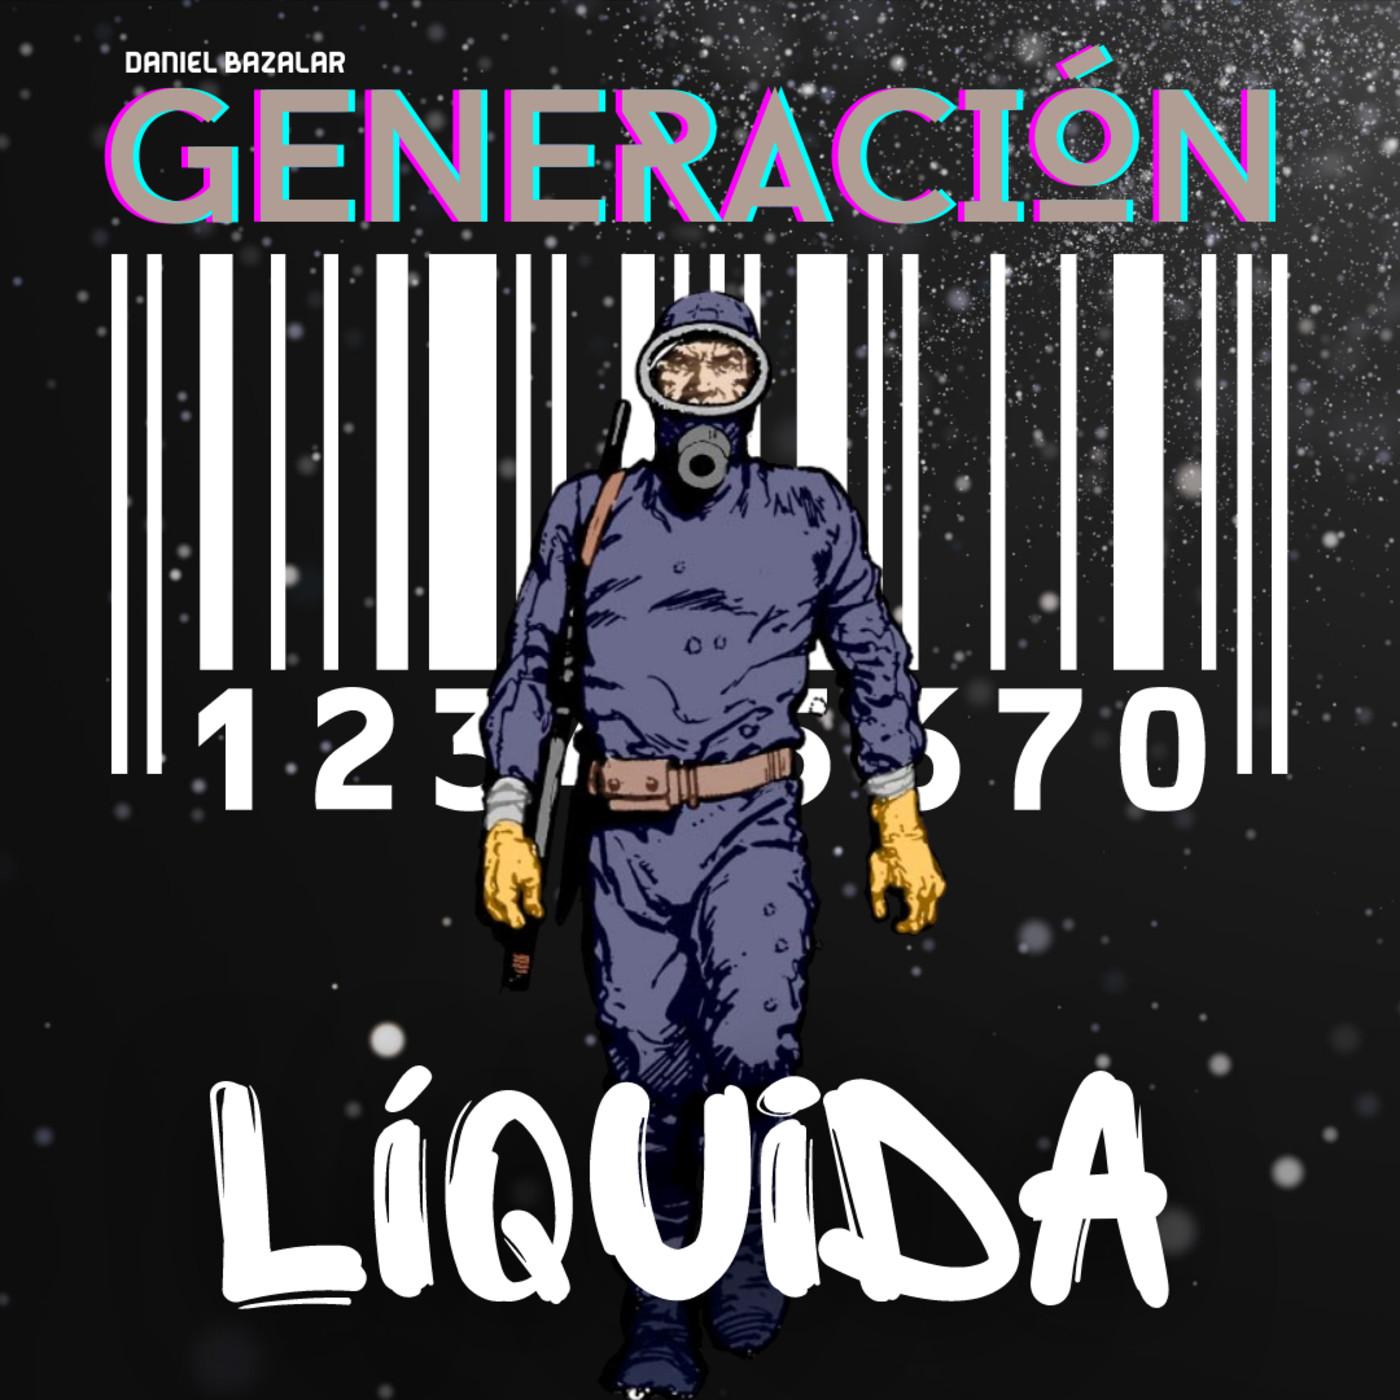 Generación Líquida 28/09/20